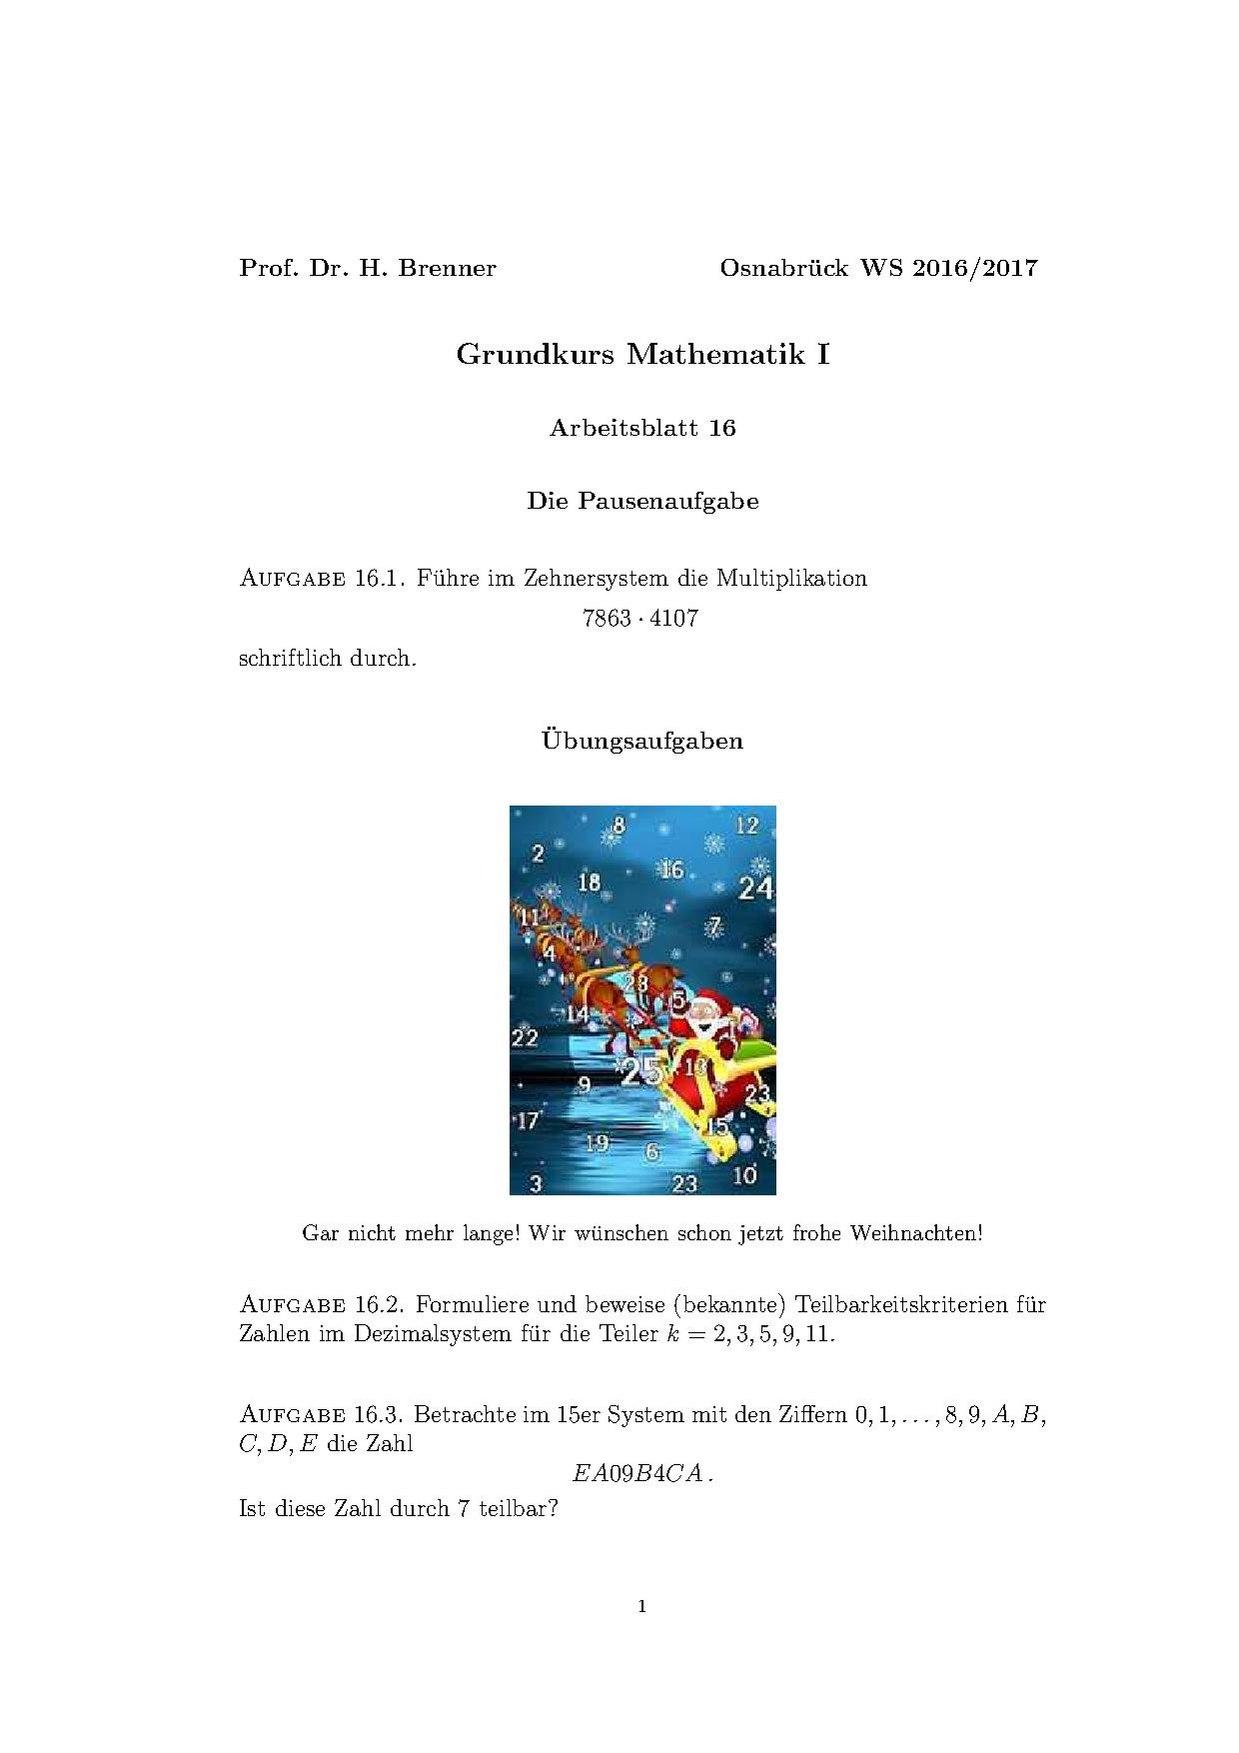 Großartig K 12 Mathe Arbeitsblatt Galerie - Mathe Arbeitsblatt ...